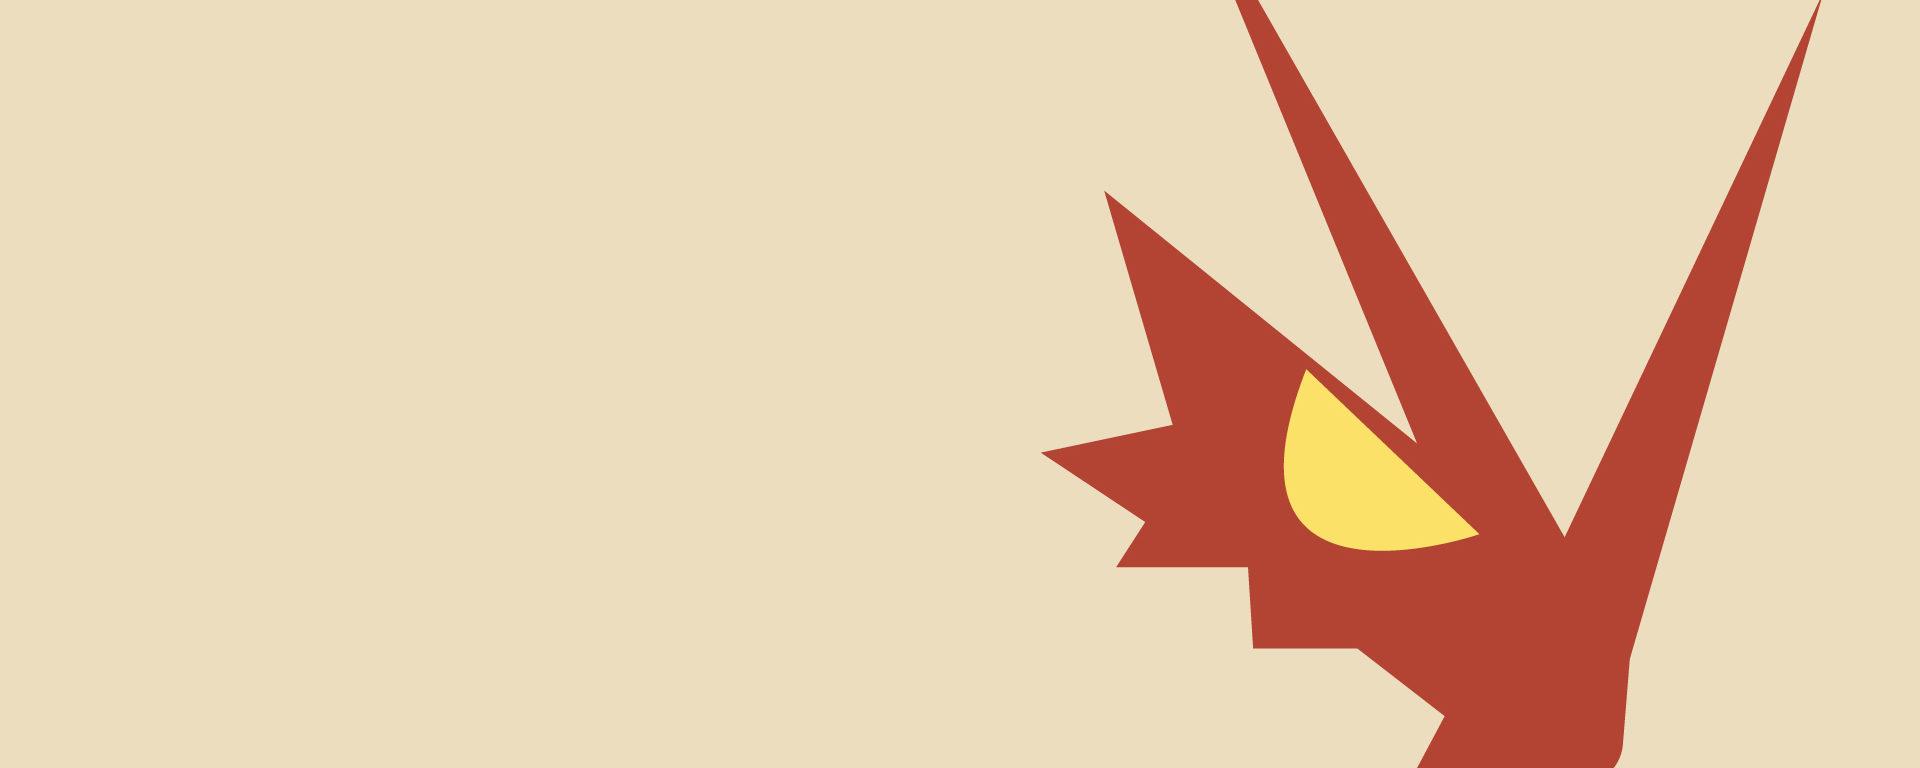 brasegali-pokemon-go